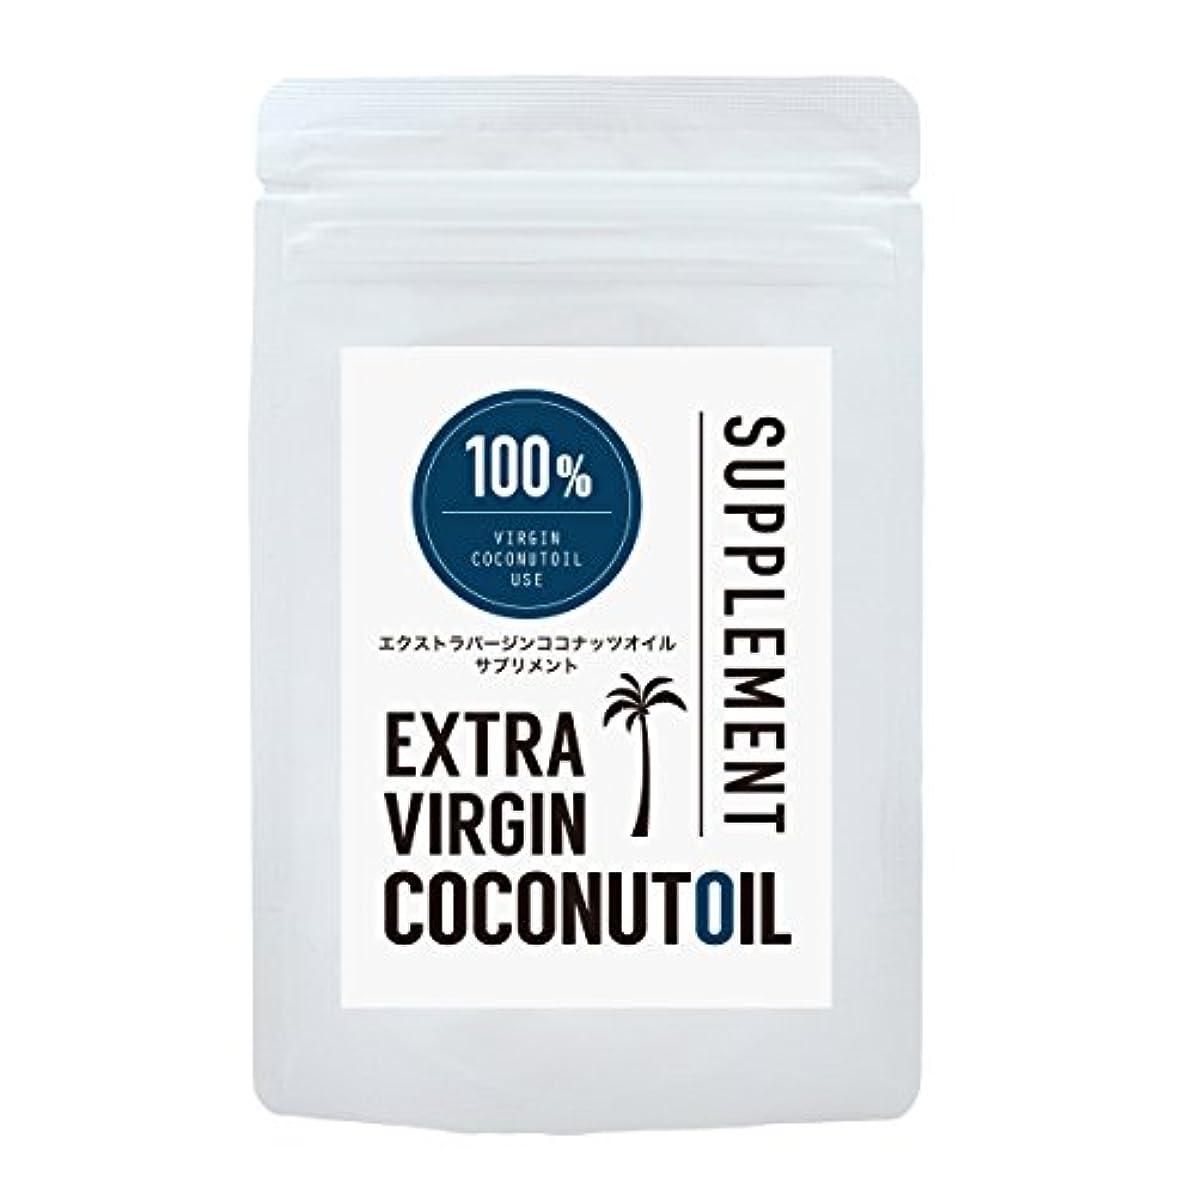 折るキルトワーディアンケースエクストラヴァージン ココナッツオイル サプリメント 90粒入り 無臭 カプセルタイプ